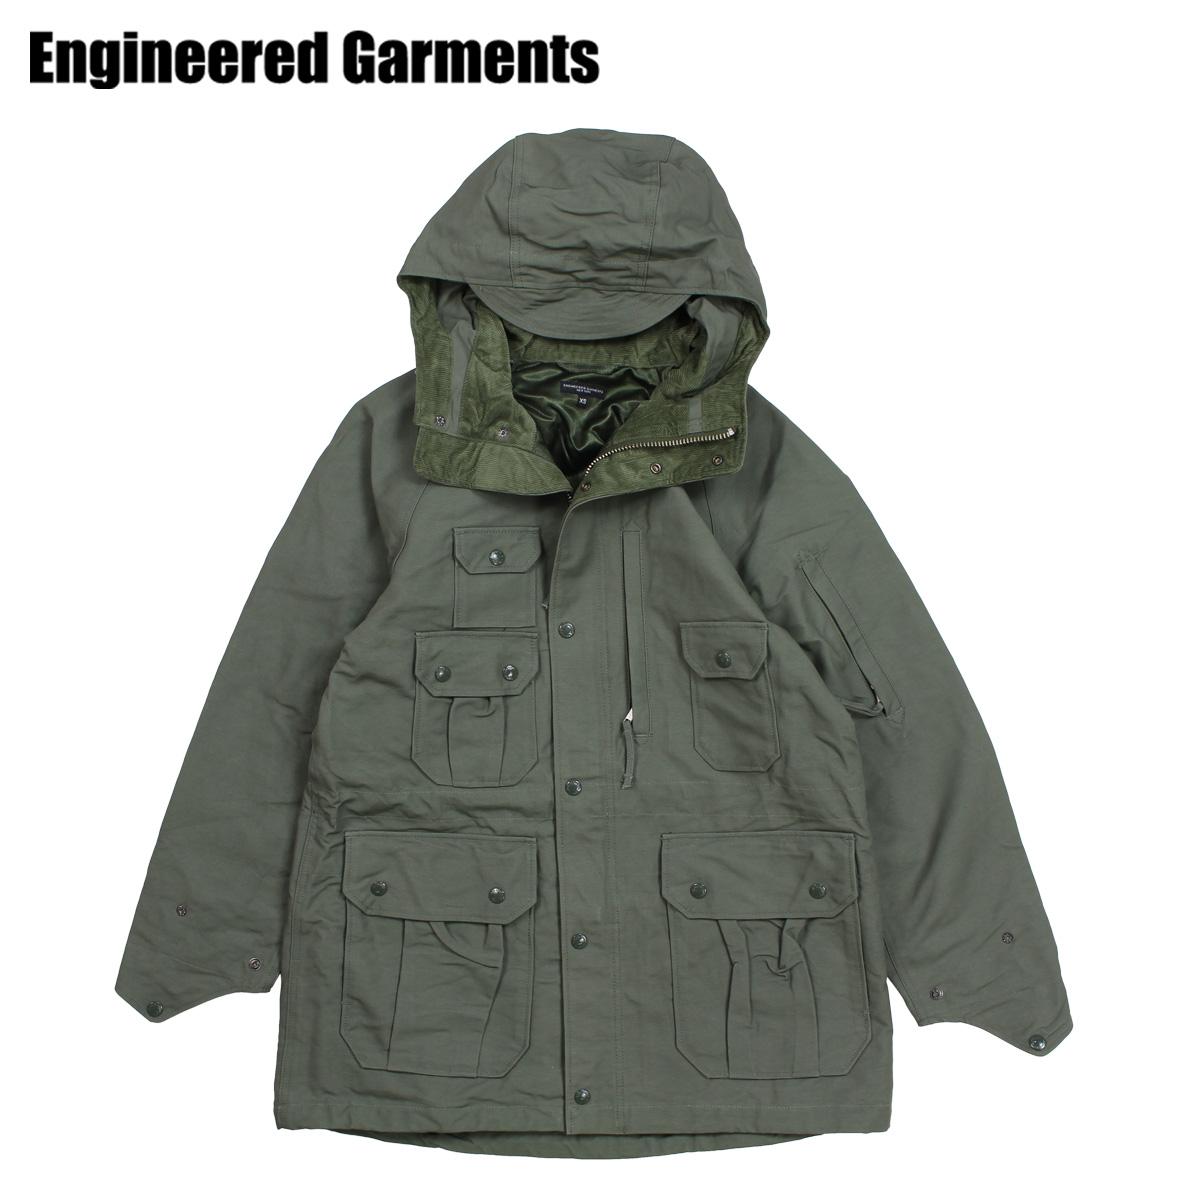 ENGINEERED GARMENTS エンジニアドガーメンツ ジャケット メンズ マウンテンパーカー FIELD PARKA オリーブ F8D1280